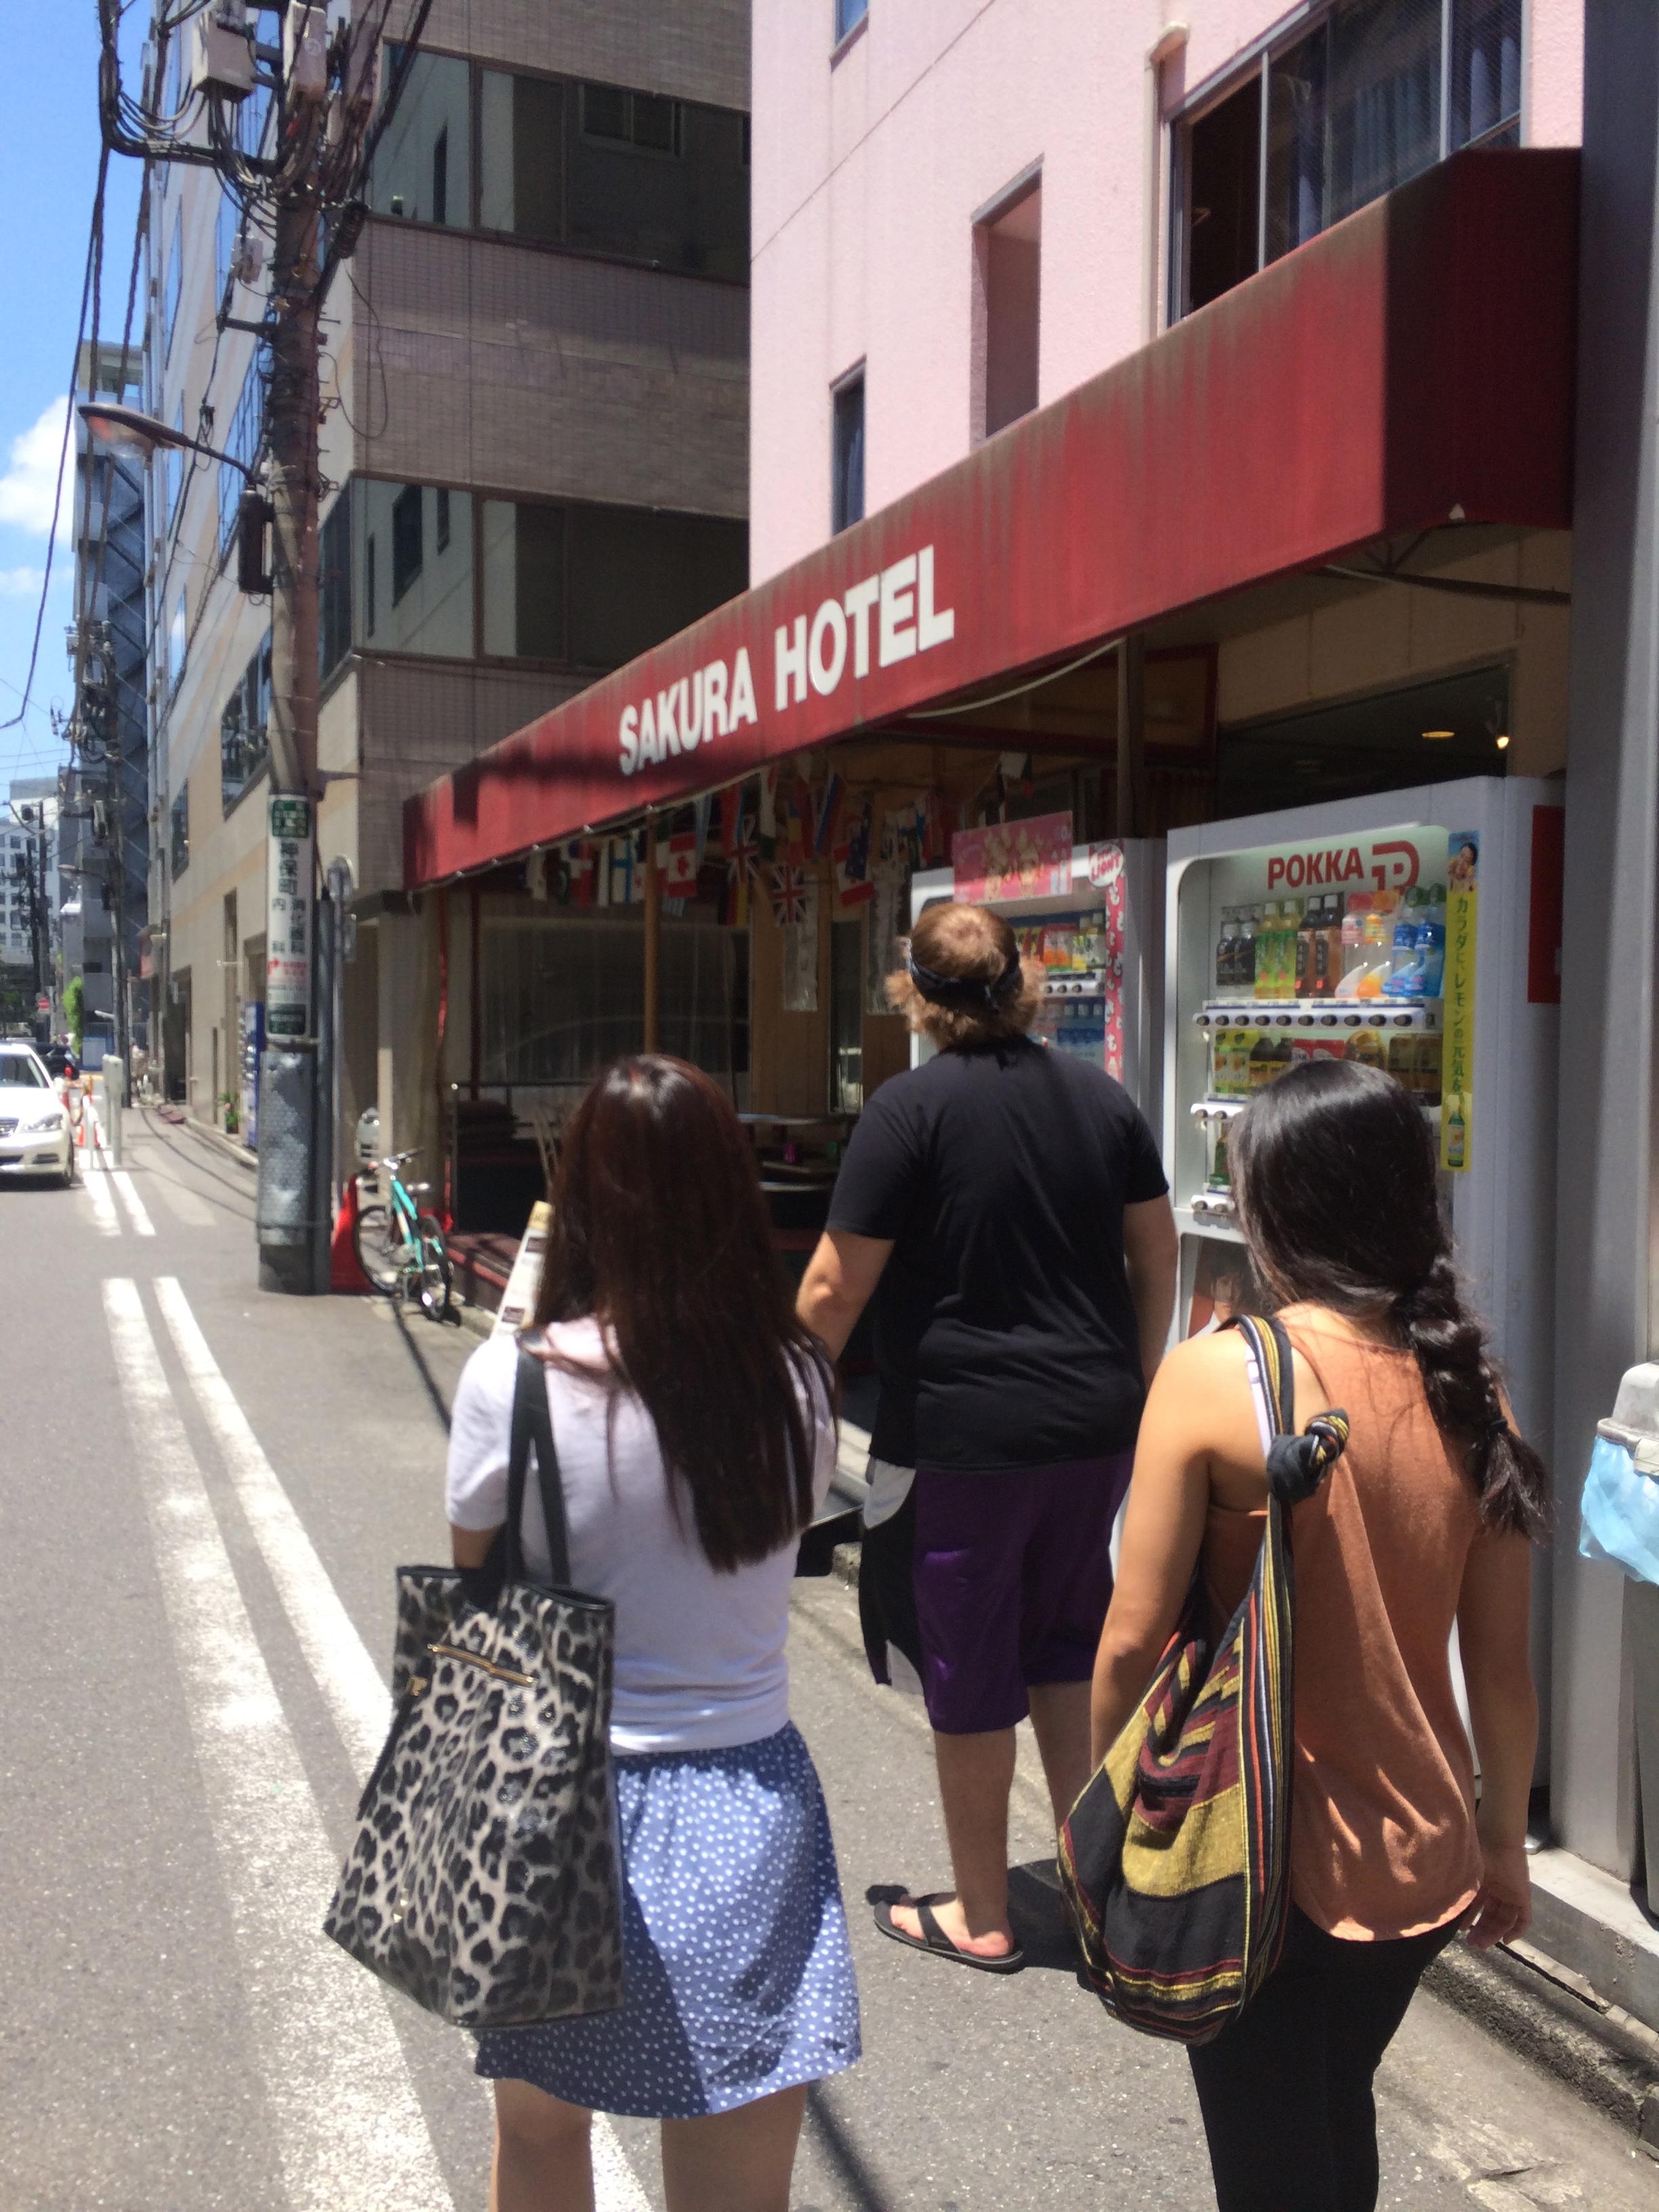 Our Tokyo living quarters: the Sakura Hotel